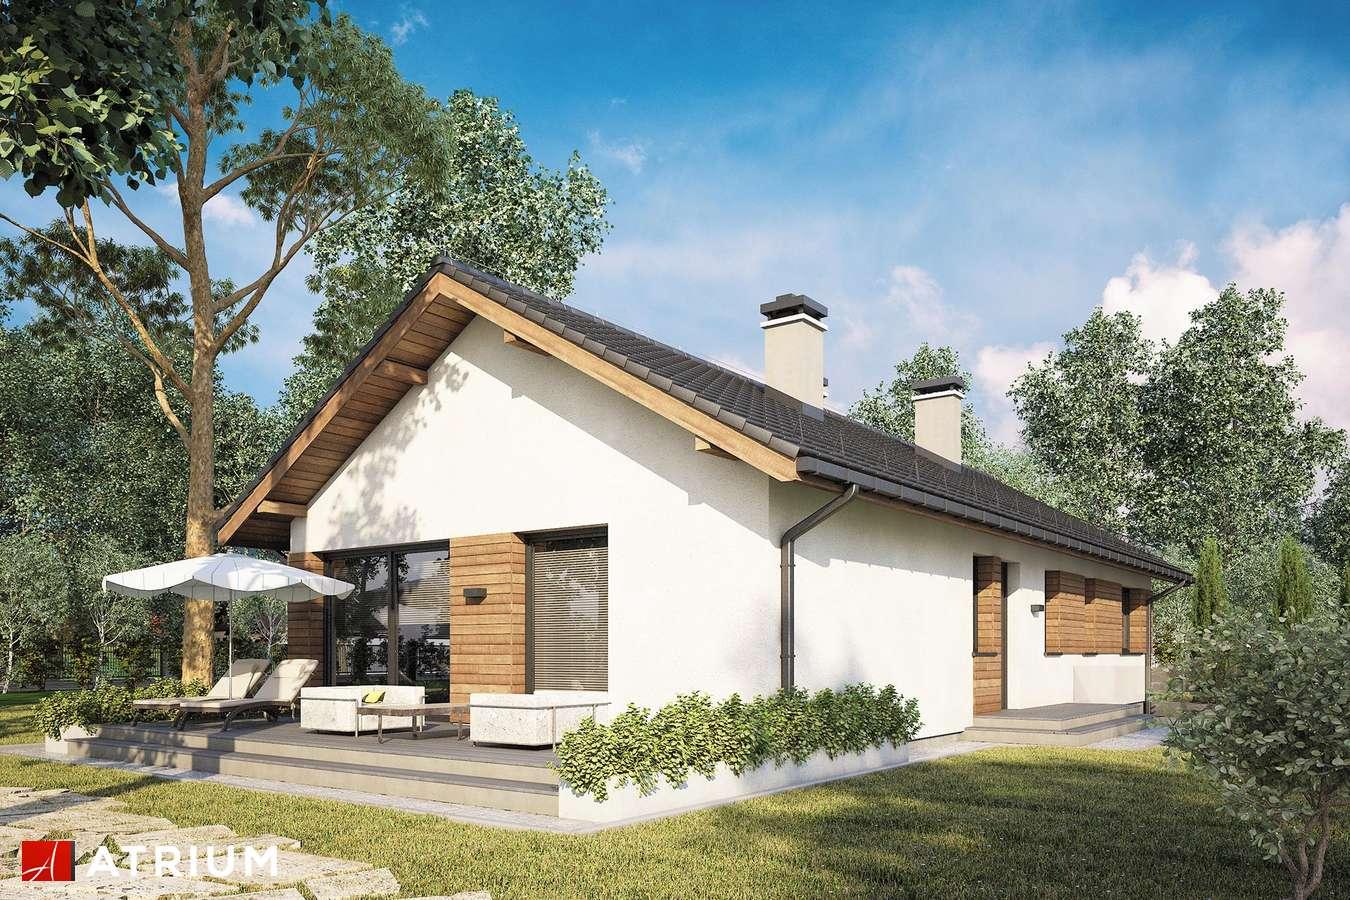 Projekty domów - Projekt domu parterowego OLIMPIA PLUS II - wizualizacja 2